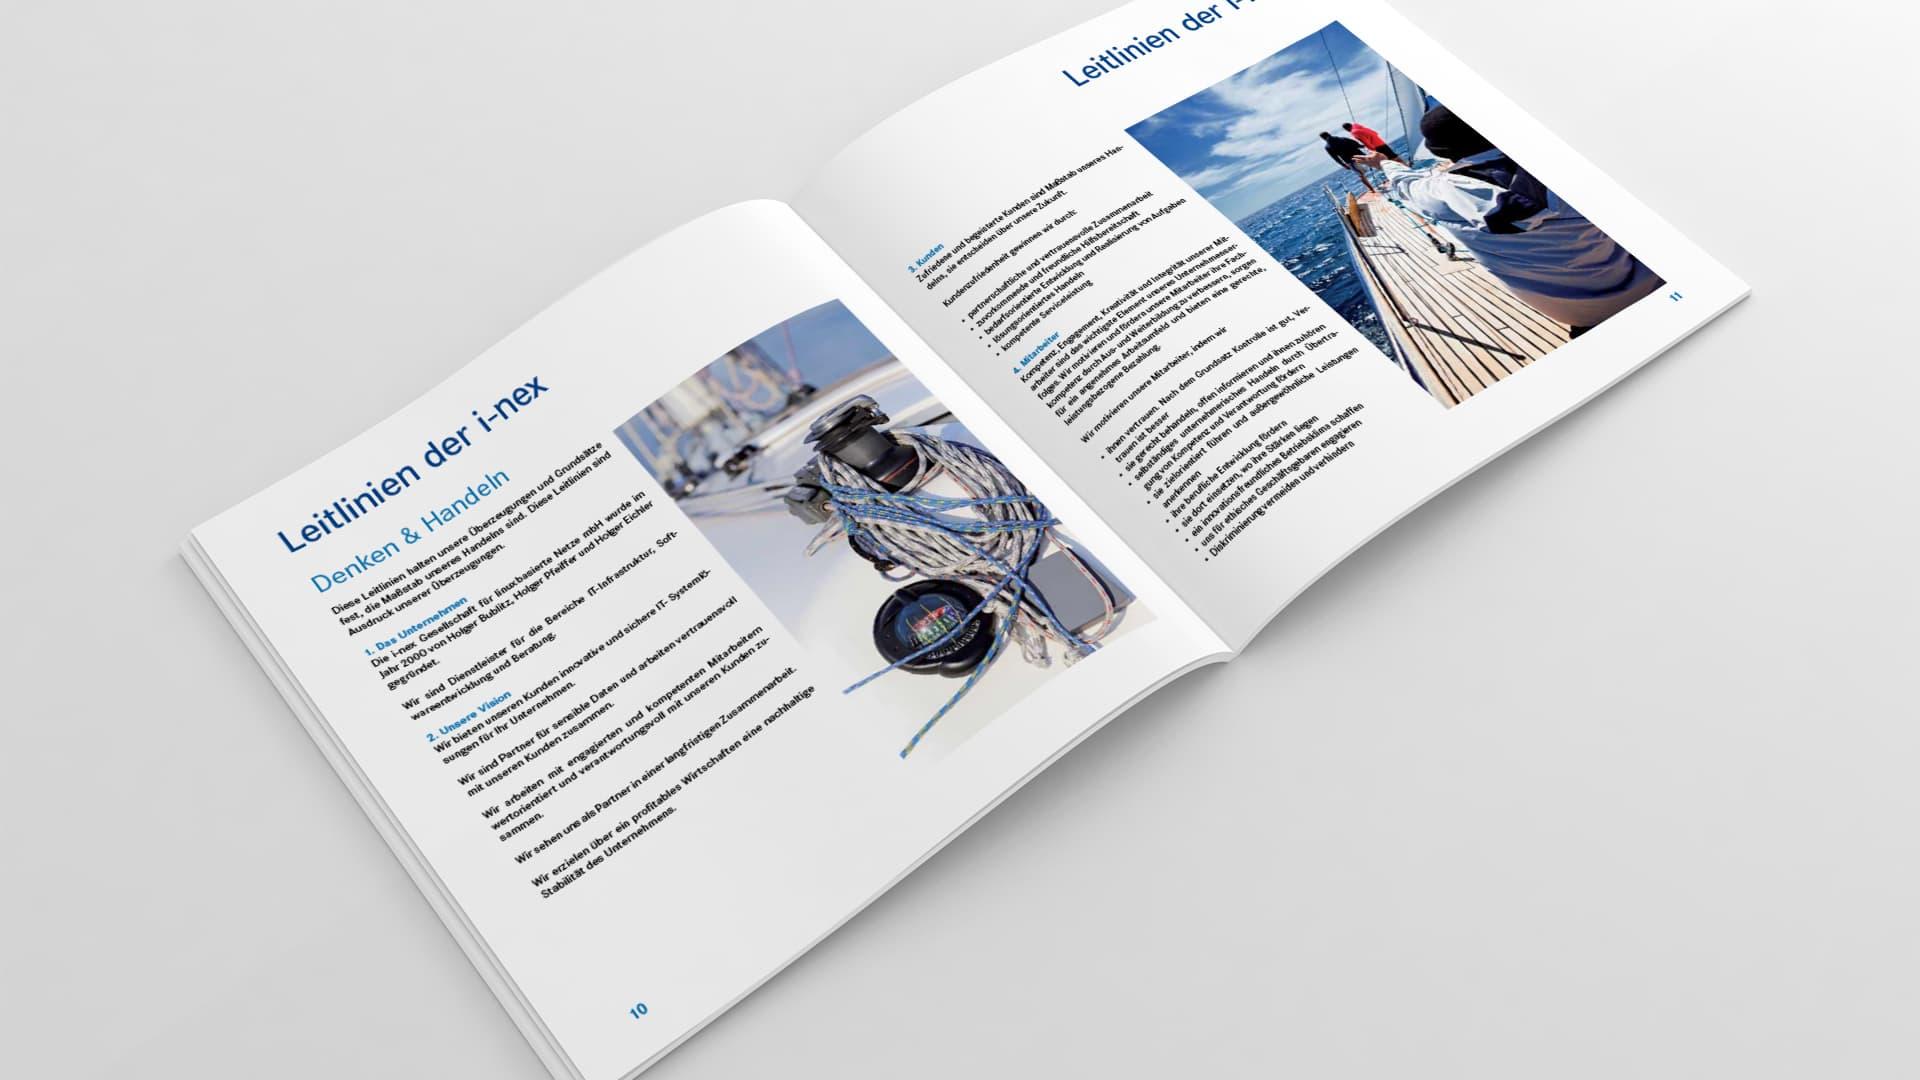 """Broschüre i-nex GmbH<a title=""""zum PDF"""" href=""""http://www.elementardesign.de/wp-content/uploads/2017/10/i-nex.pdf"""" target=""""_blank"""" style=""""cursor: pointer;"""" > Link zur PDF-Version</a>"""